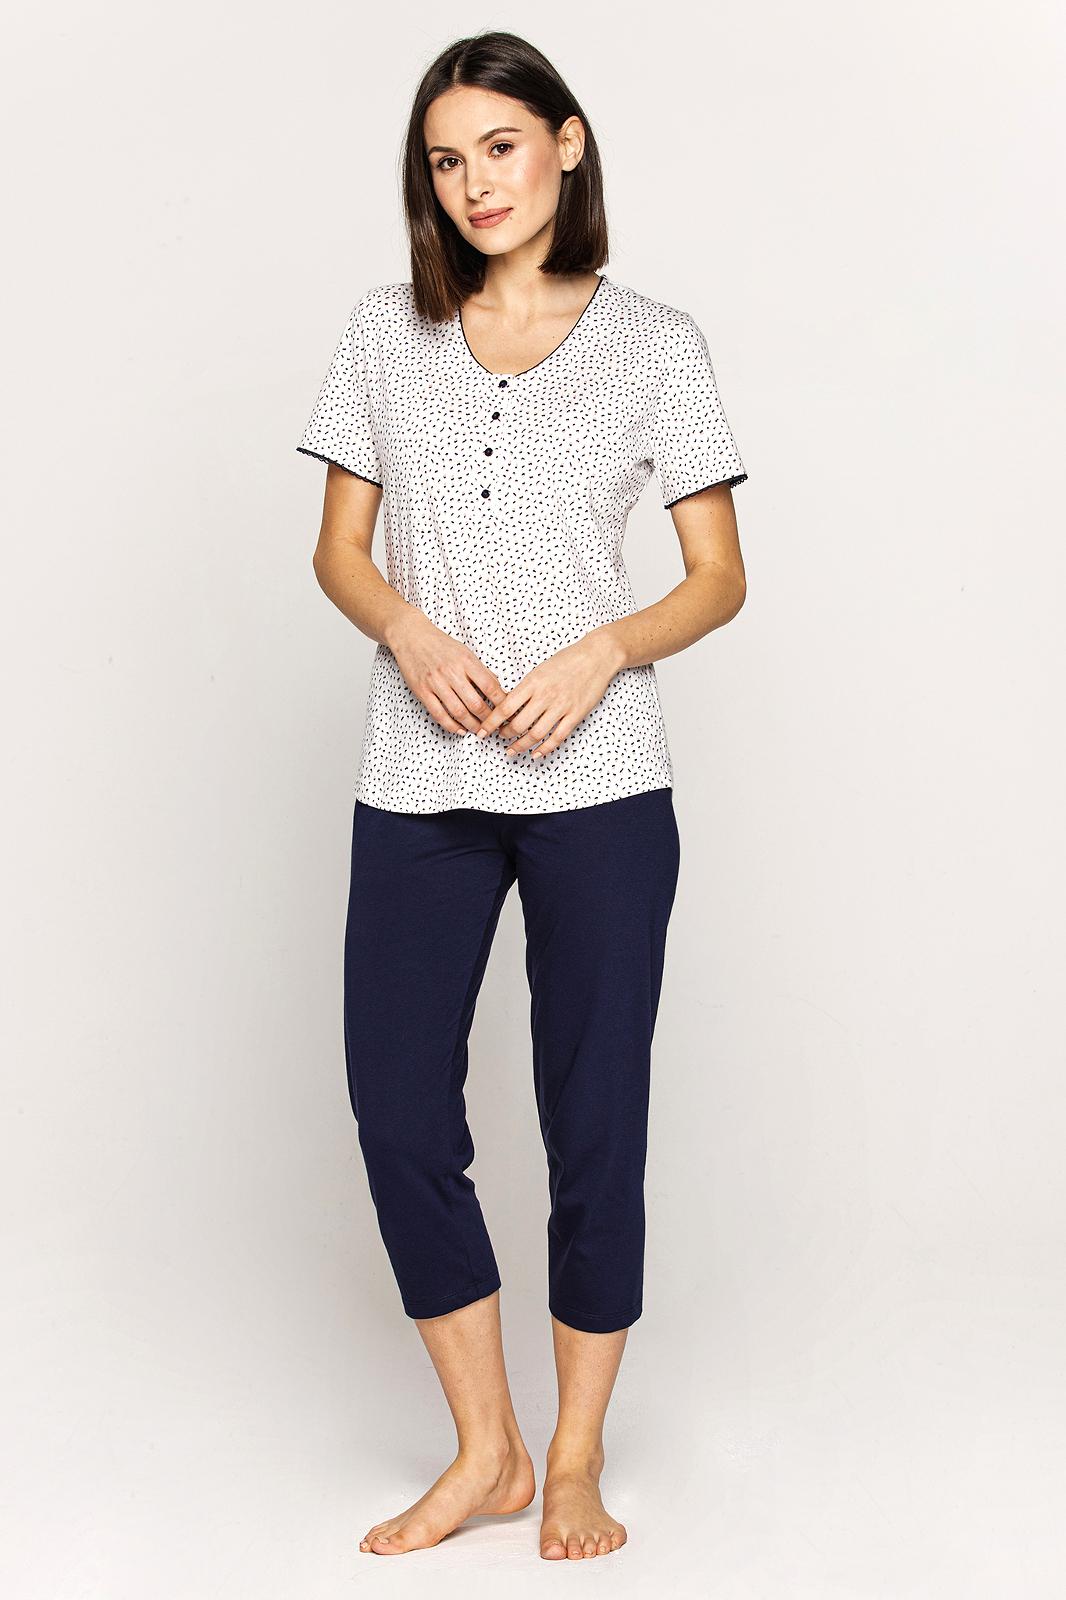 Dámské pyžamo Cana 548 kr/r S-XL